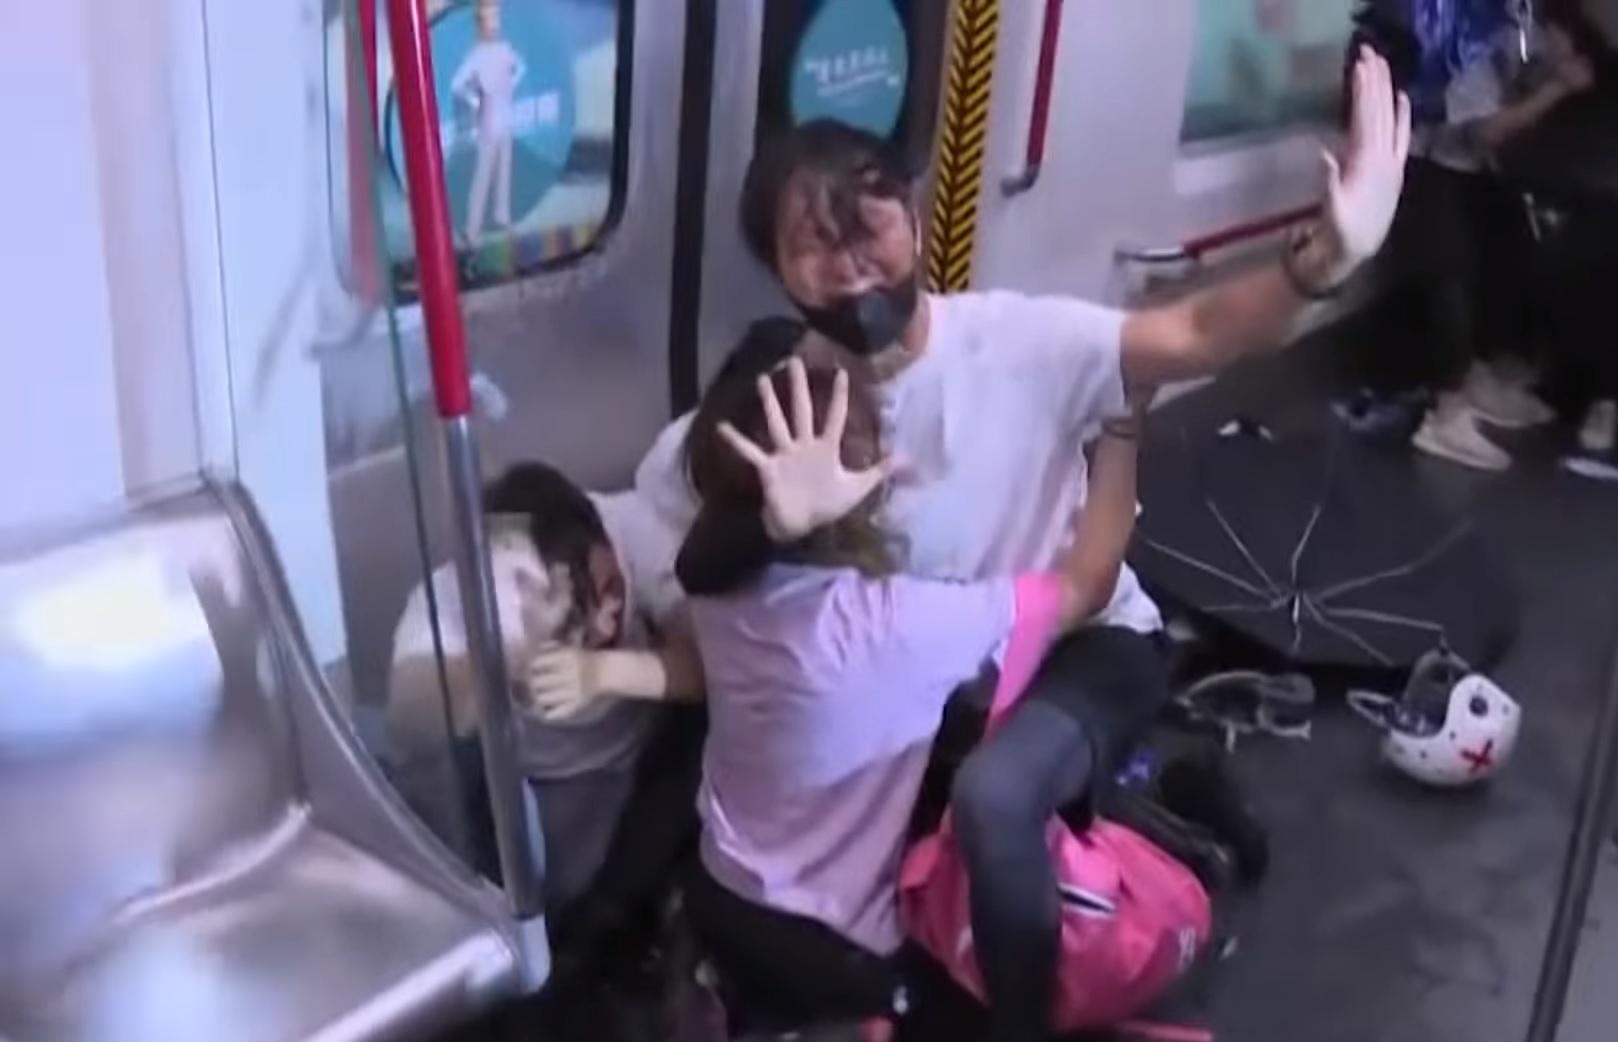 Hongkongban leállították a metrót, amivel a tüntetők menekültek a rendőrök elől, több embert meg is vertek